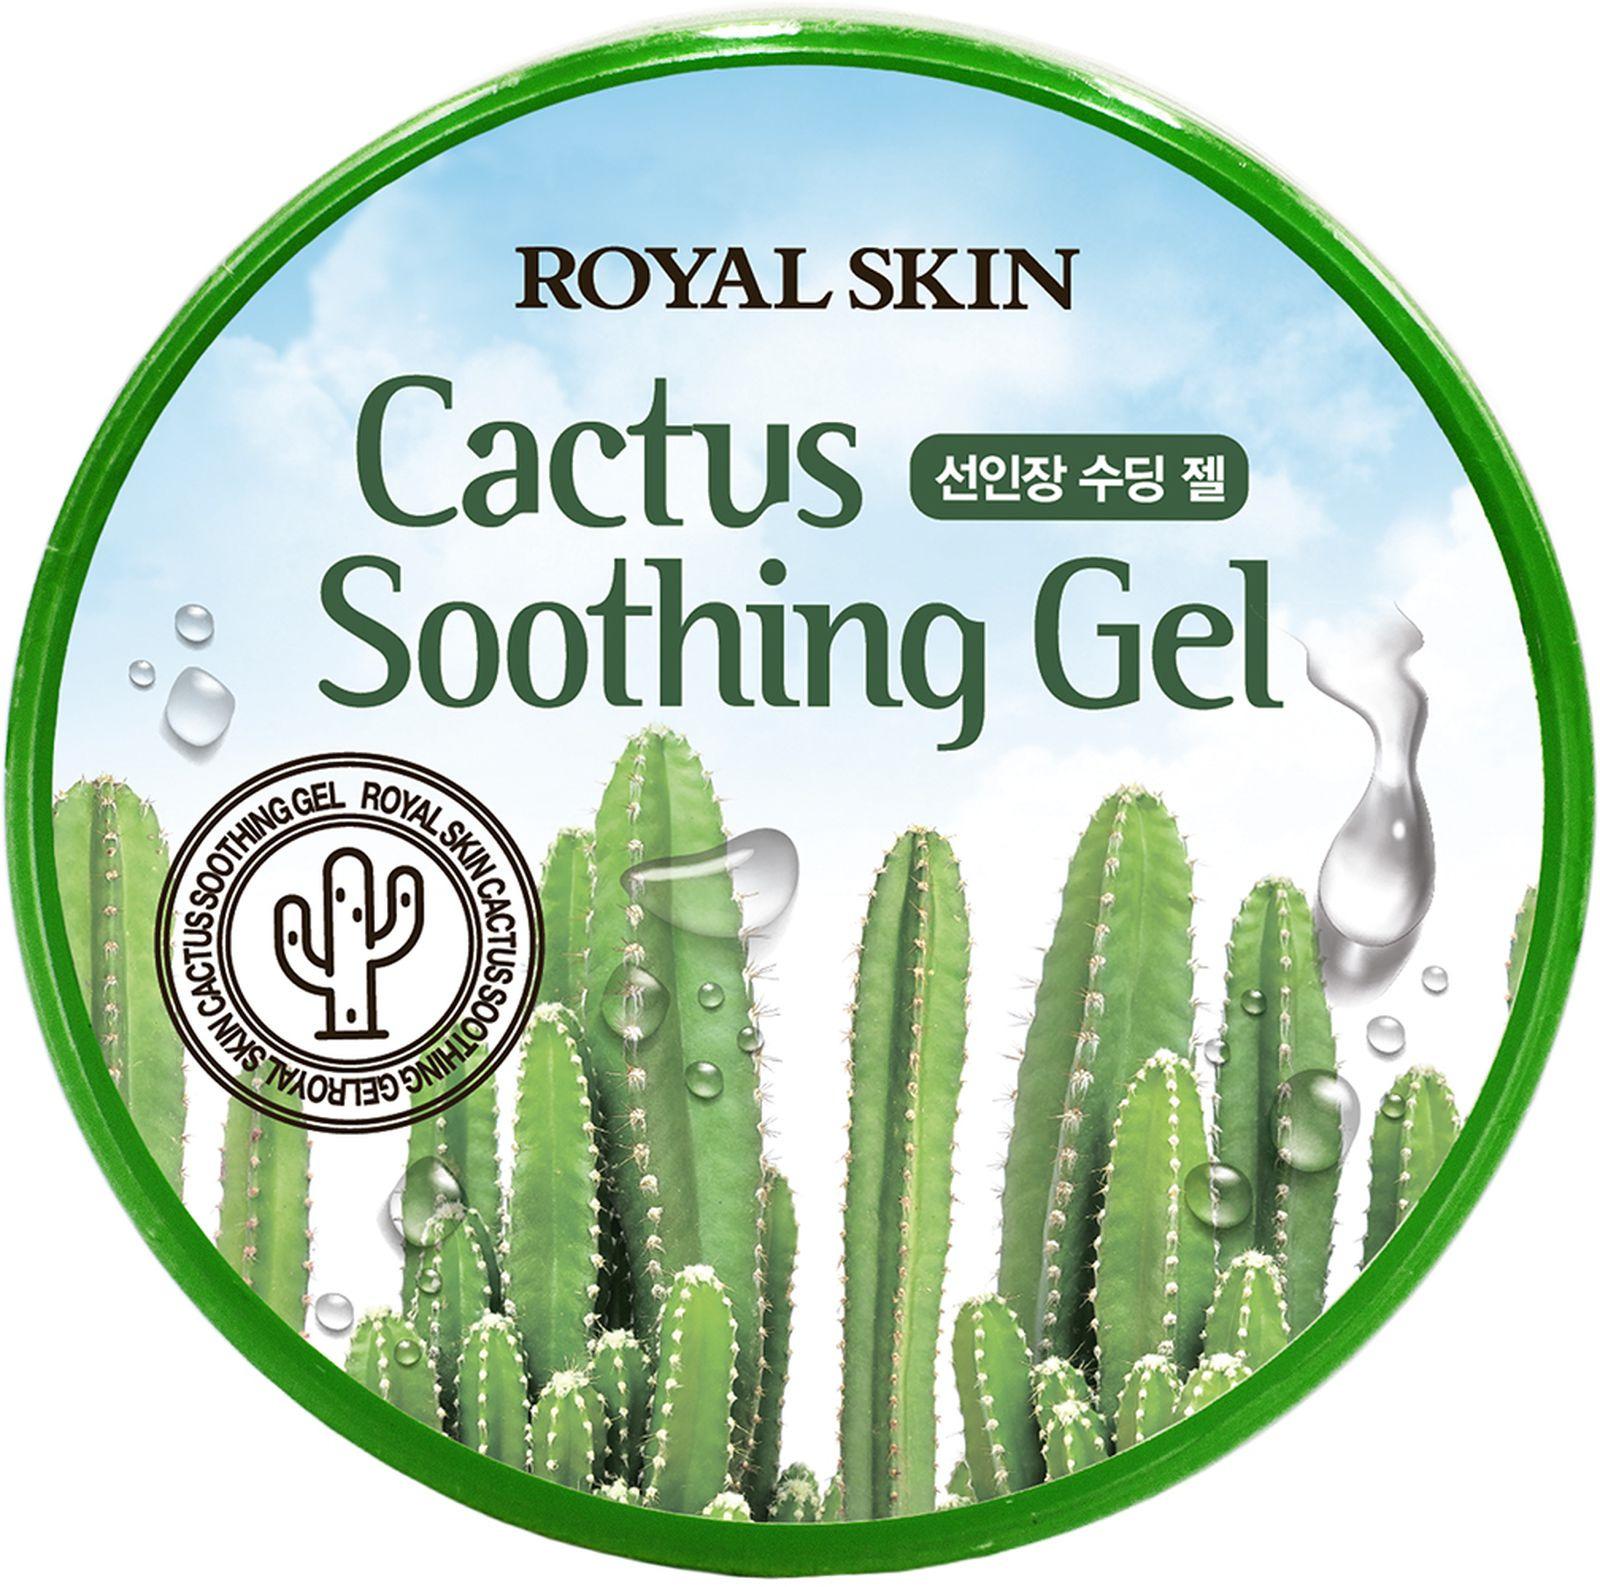 Гель для лица и тела Royal Skin, с экстрактом кактуса, 300 мл Royal Skin